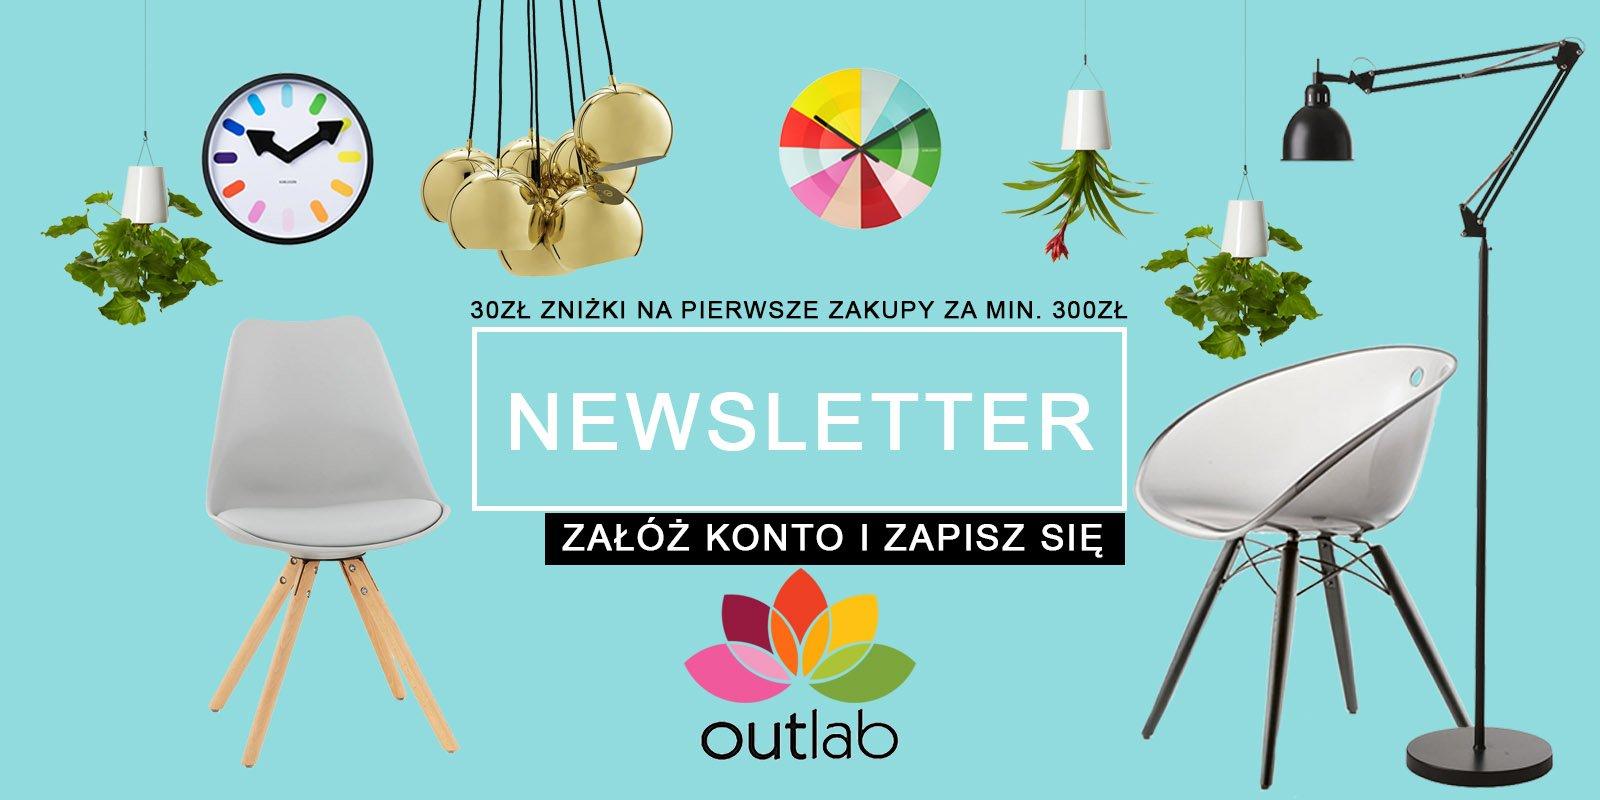 Zapisz się do newslettera OUTLABSKLEP.pl